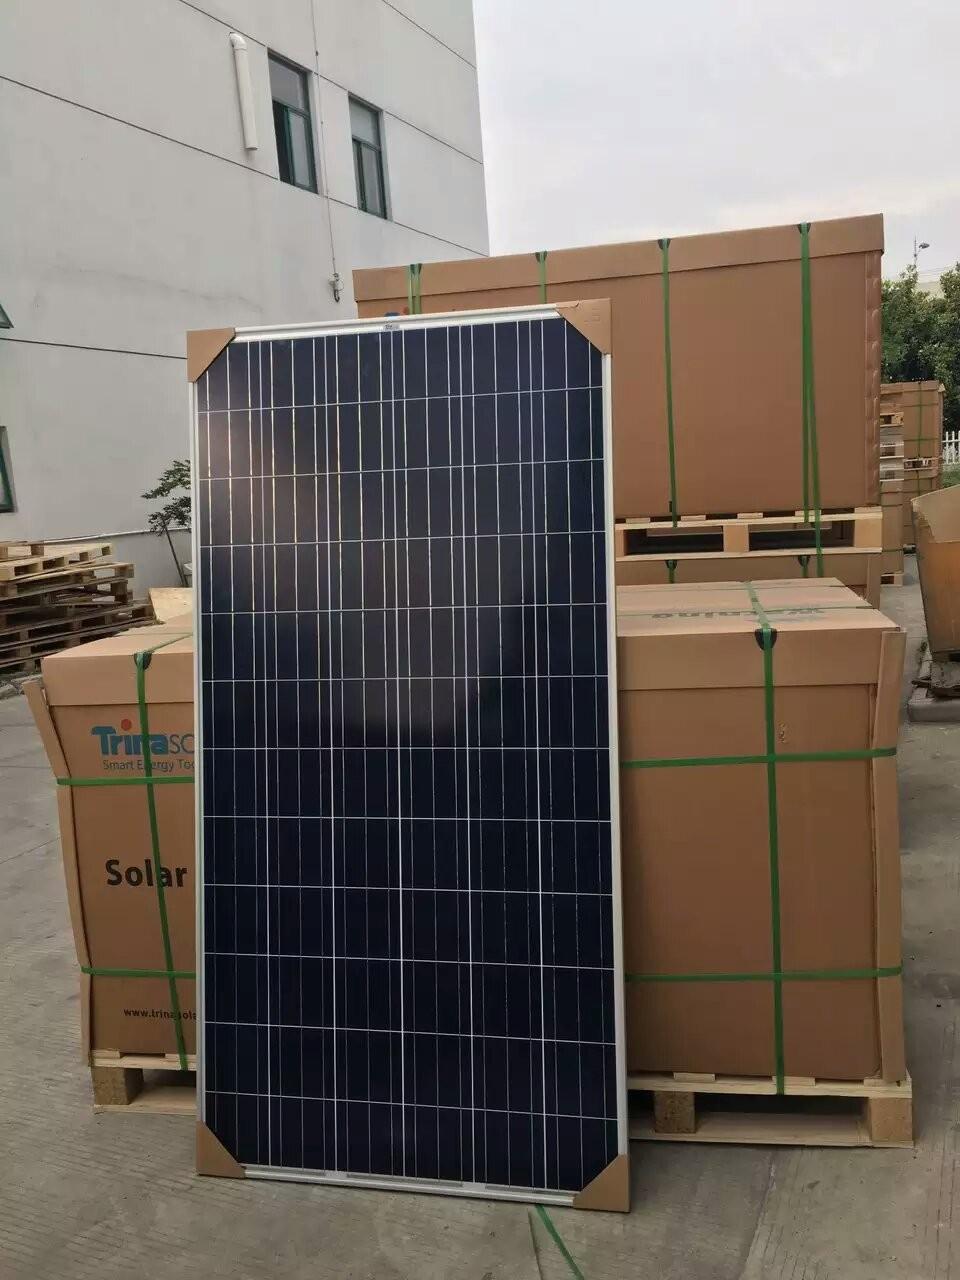 Trina Solar Panel Pv Module From 250w To 305w Buy Trina